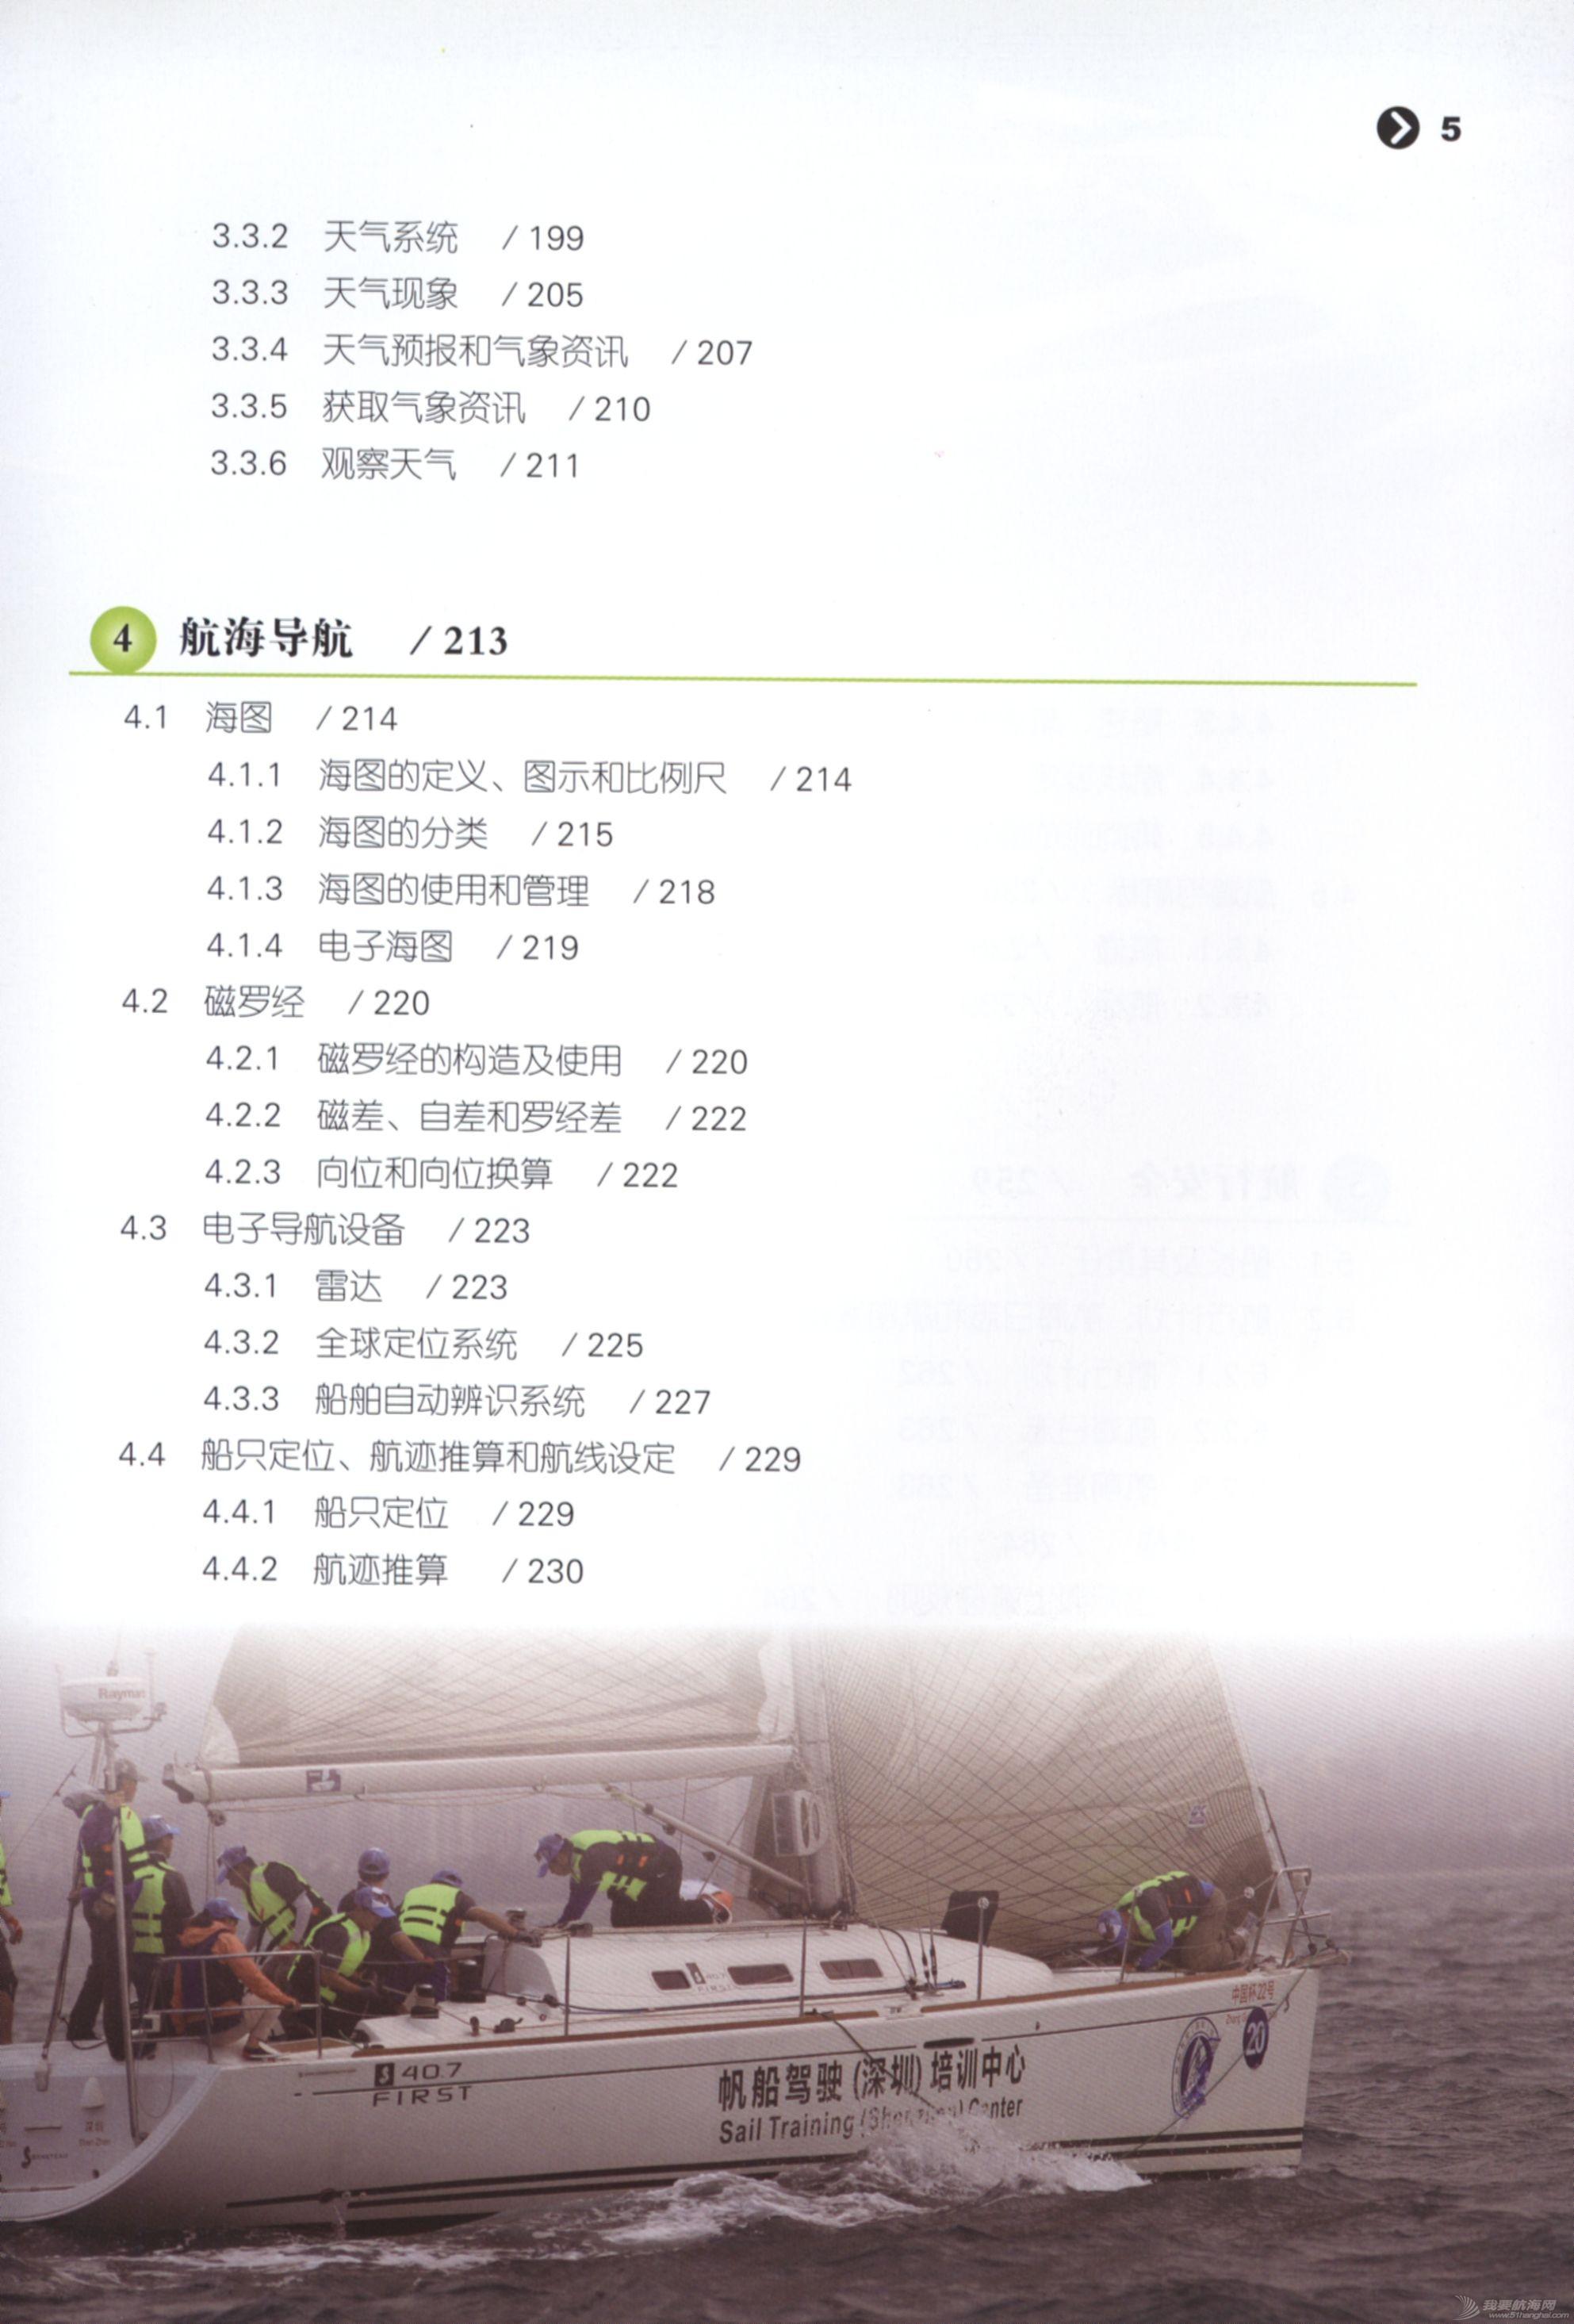 培训教材,TXT下载,帆船,技术 《游艇与帆船操作培训教材》 PDF下载 TXT下载 帆船技术 航海教材 5.jpg